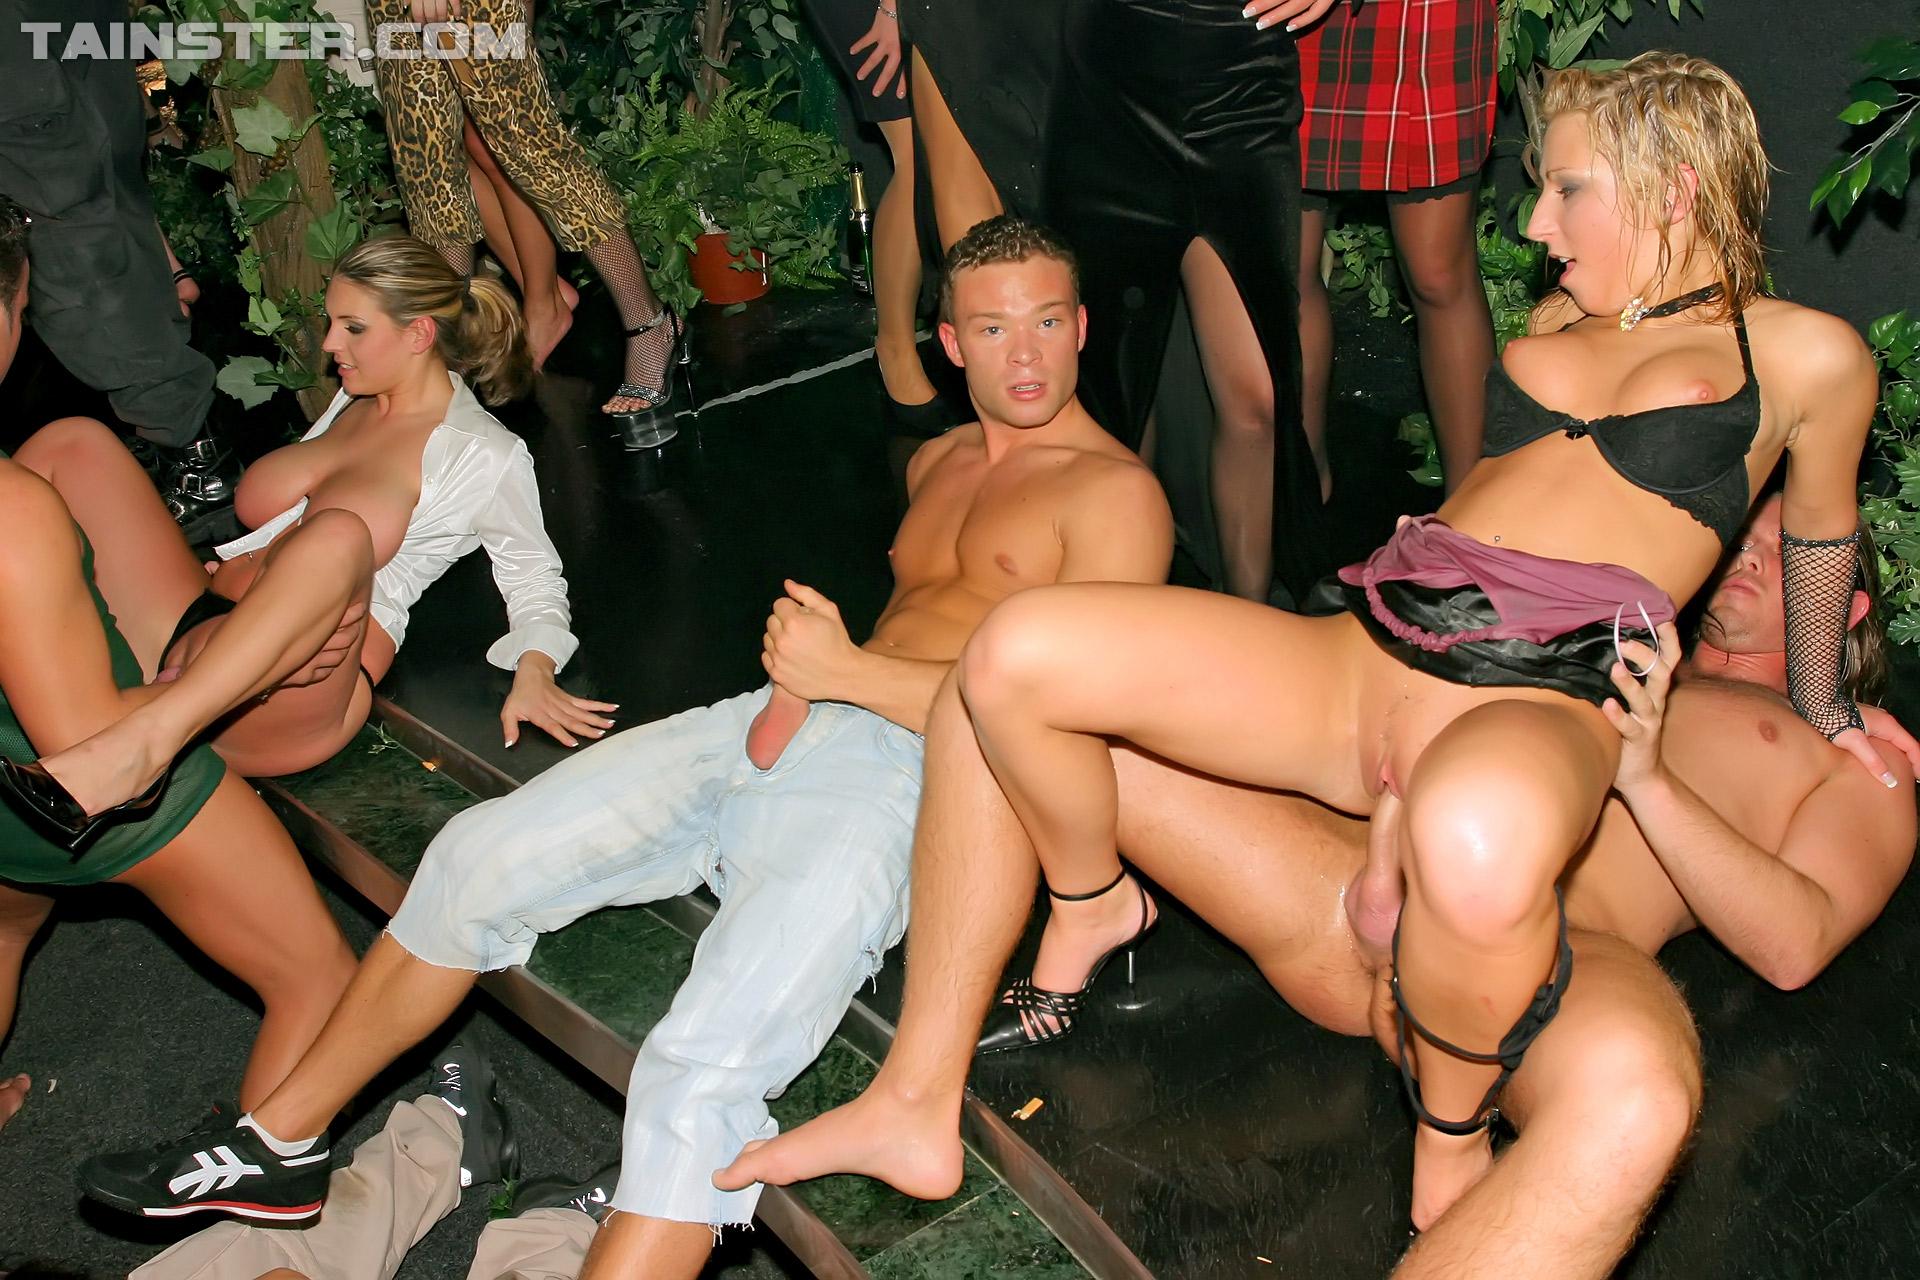 Фото вечеринок с дорогими шлюхами